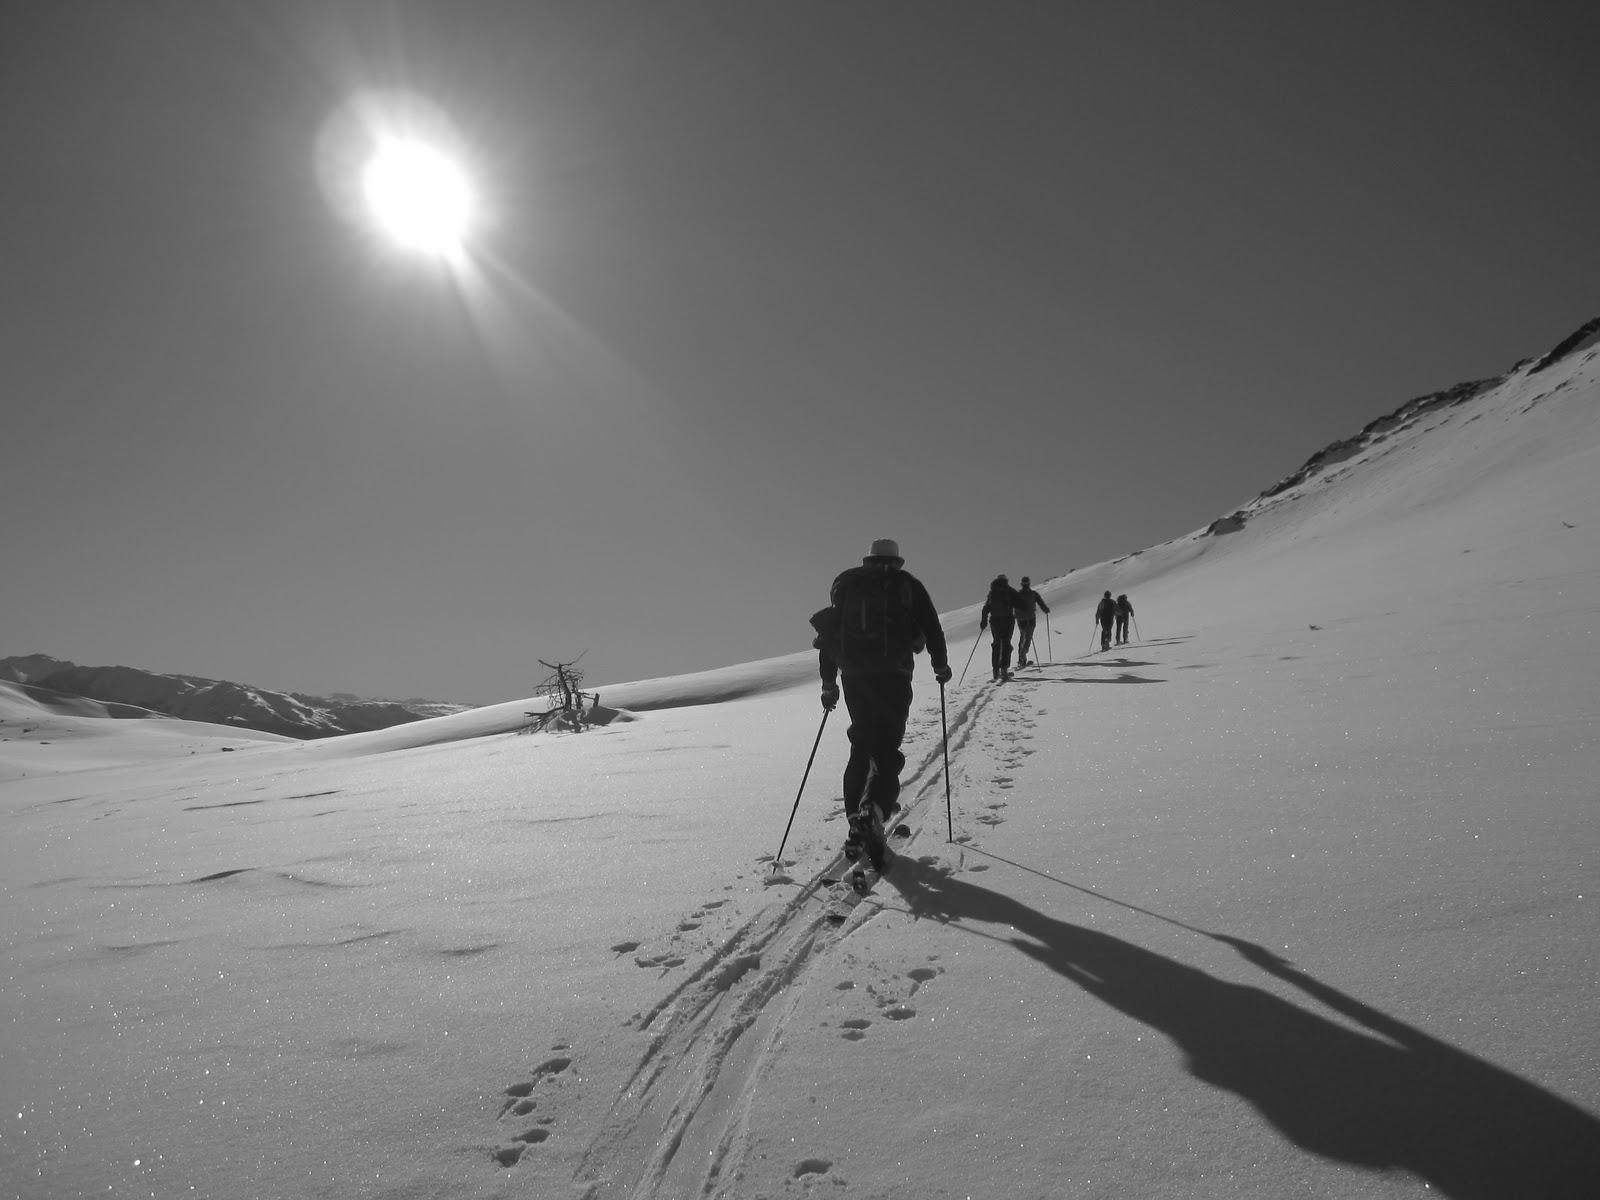 Montañas Nevadas En La Patagonia: INVIERNO SUREÑO: INVIERNO EN PATAGONIA